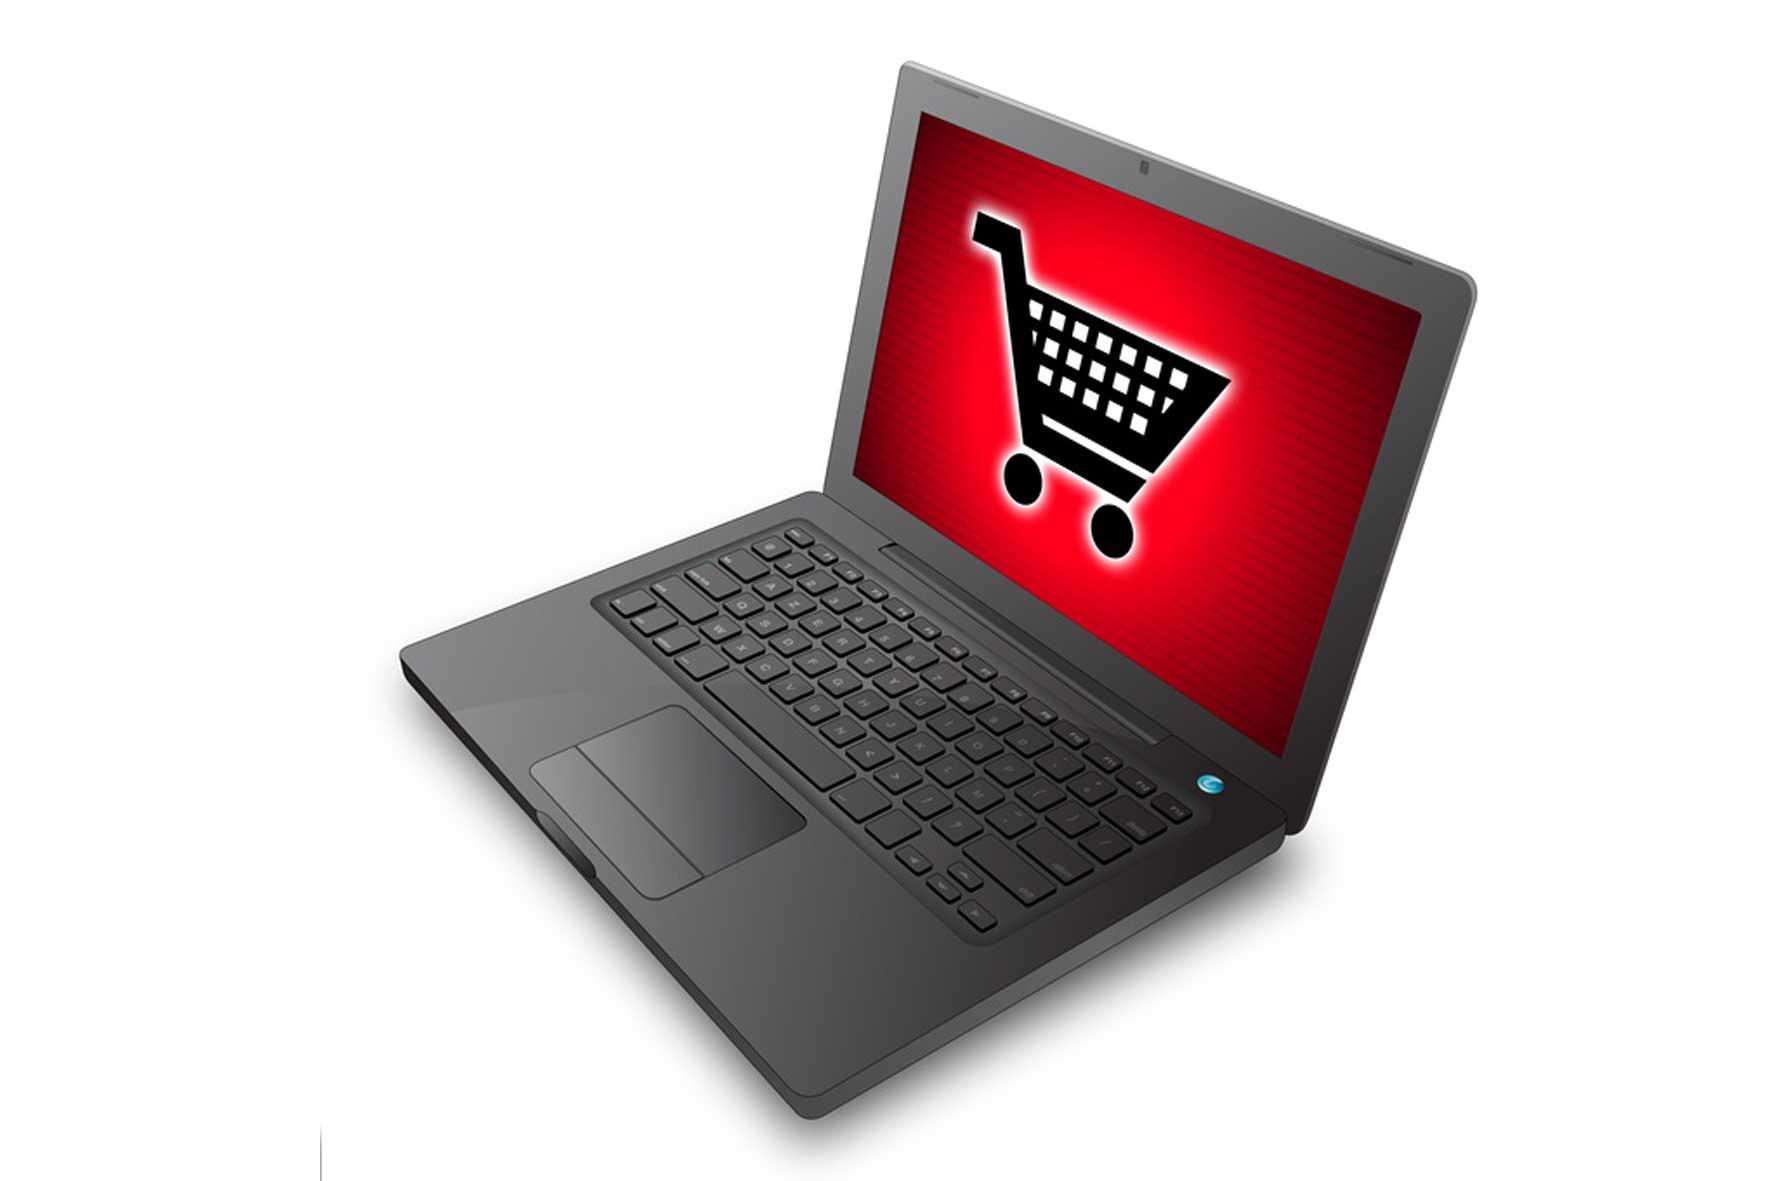 PricePanorama sprawdza ceny w Internecie